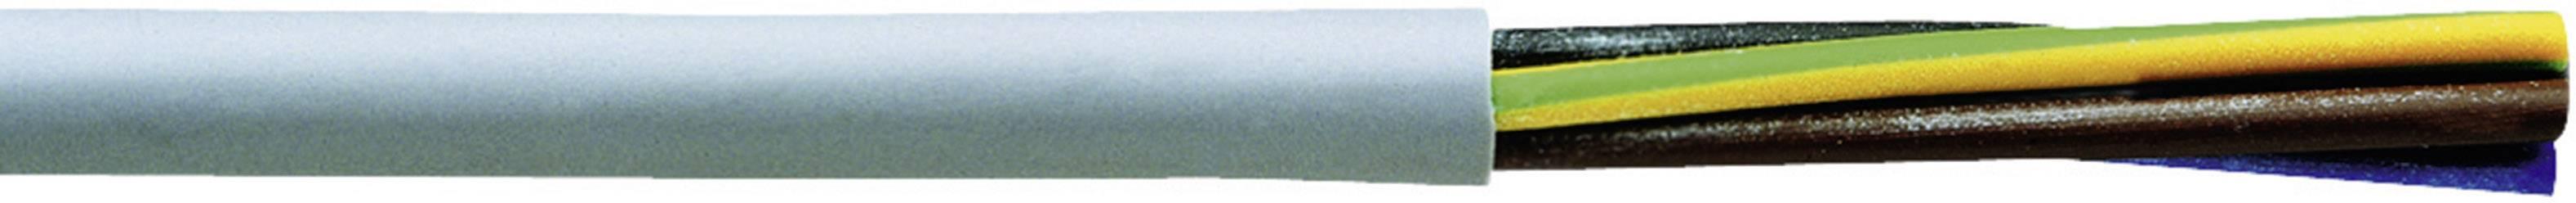 Riadiaci kábel Faber Kabel YSLY-JB 030865, 3 x 0.50 mm², vonkajší Ø 5 mm, 500 V, metrový tovar, sivá